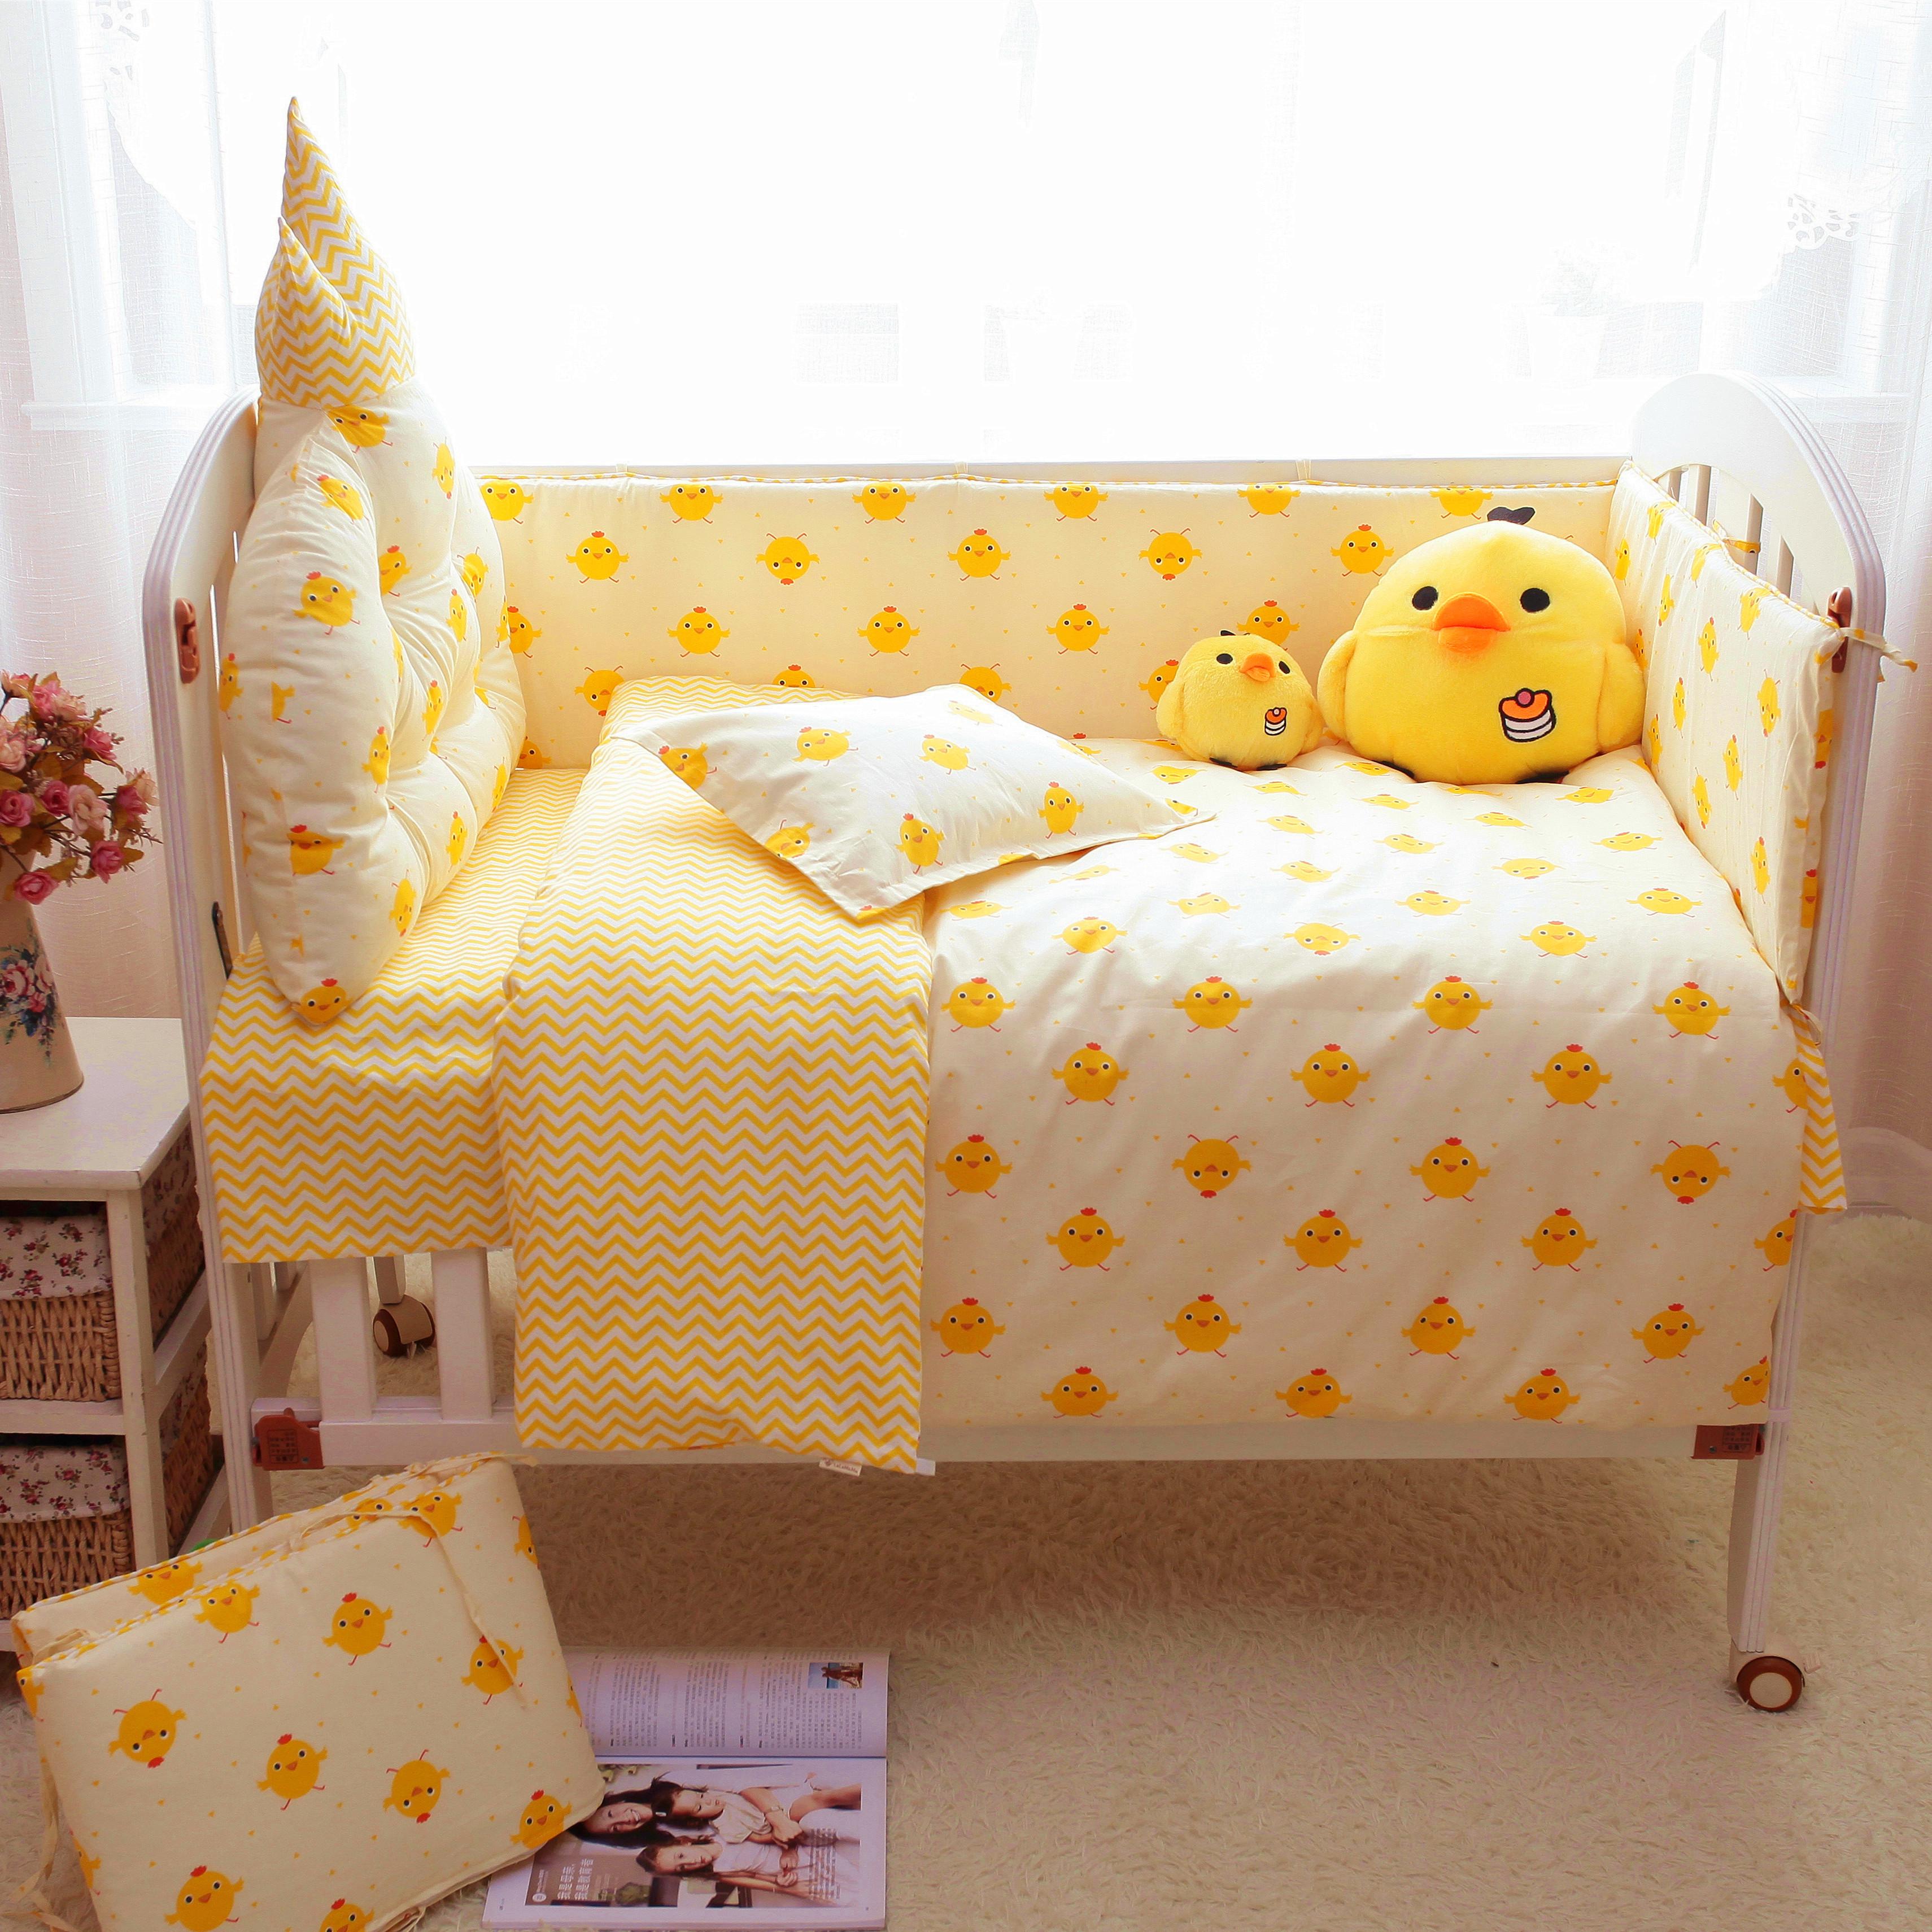 κοτόπουλο μωρό βαμβάκι κρεβάτι δεν πλένονται γύρω από το καλοκαίρι το μωρό καθ 'όλη τη διάρκεια του έτους κρεβάτι μωρό σεντόνια ins έκρηξη εδάφιο